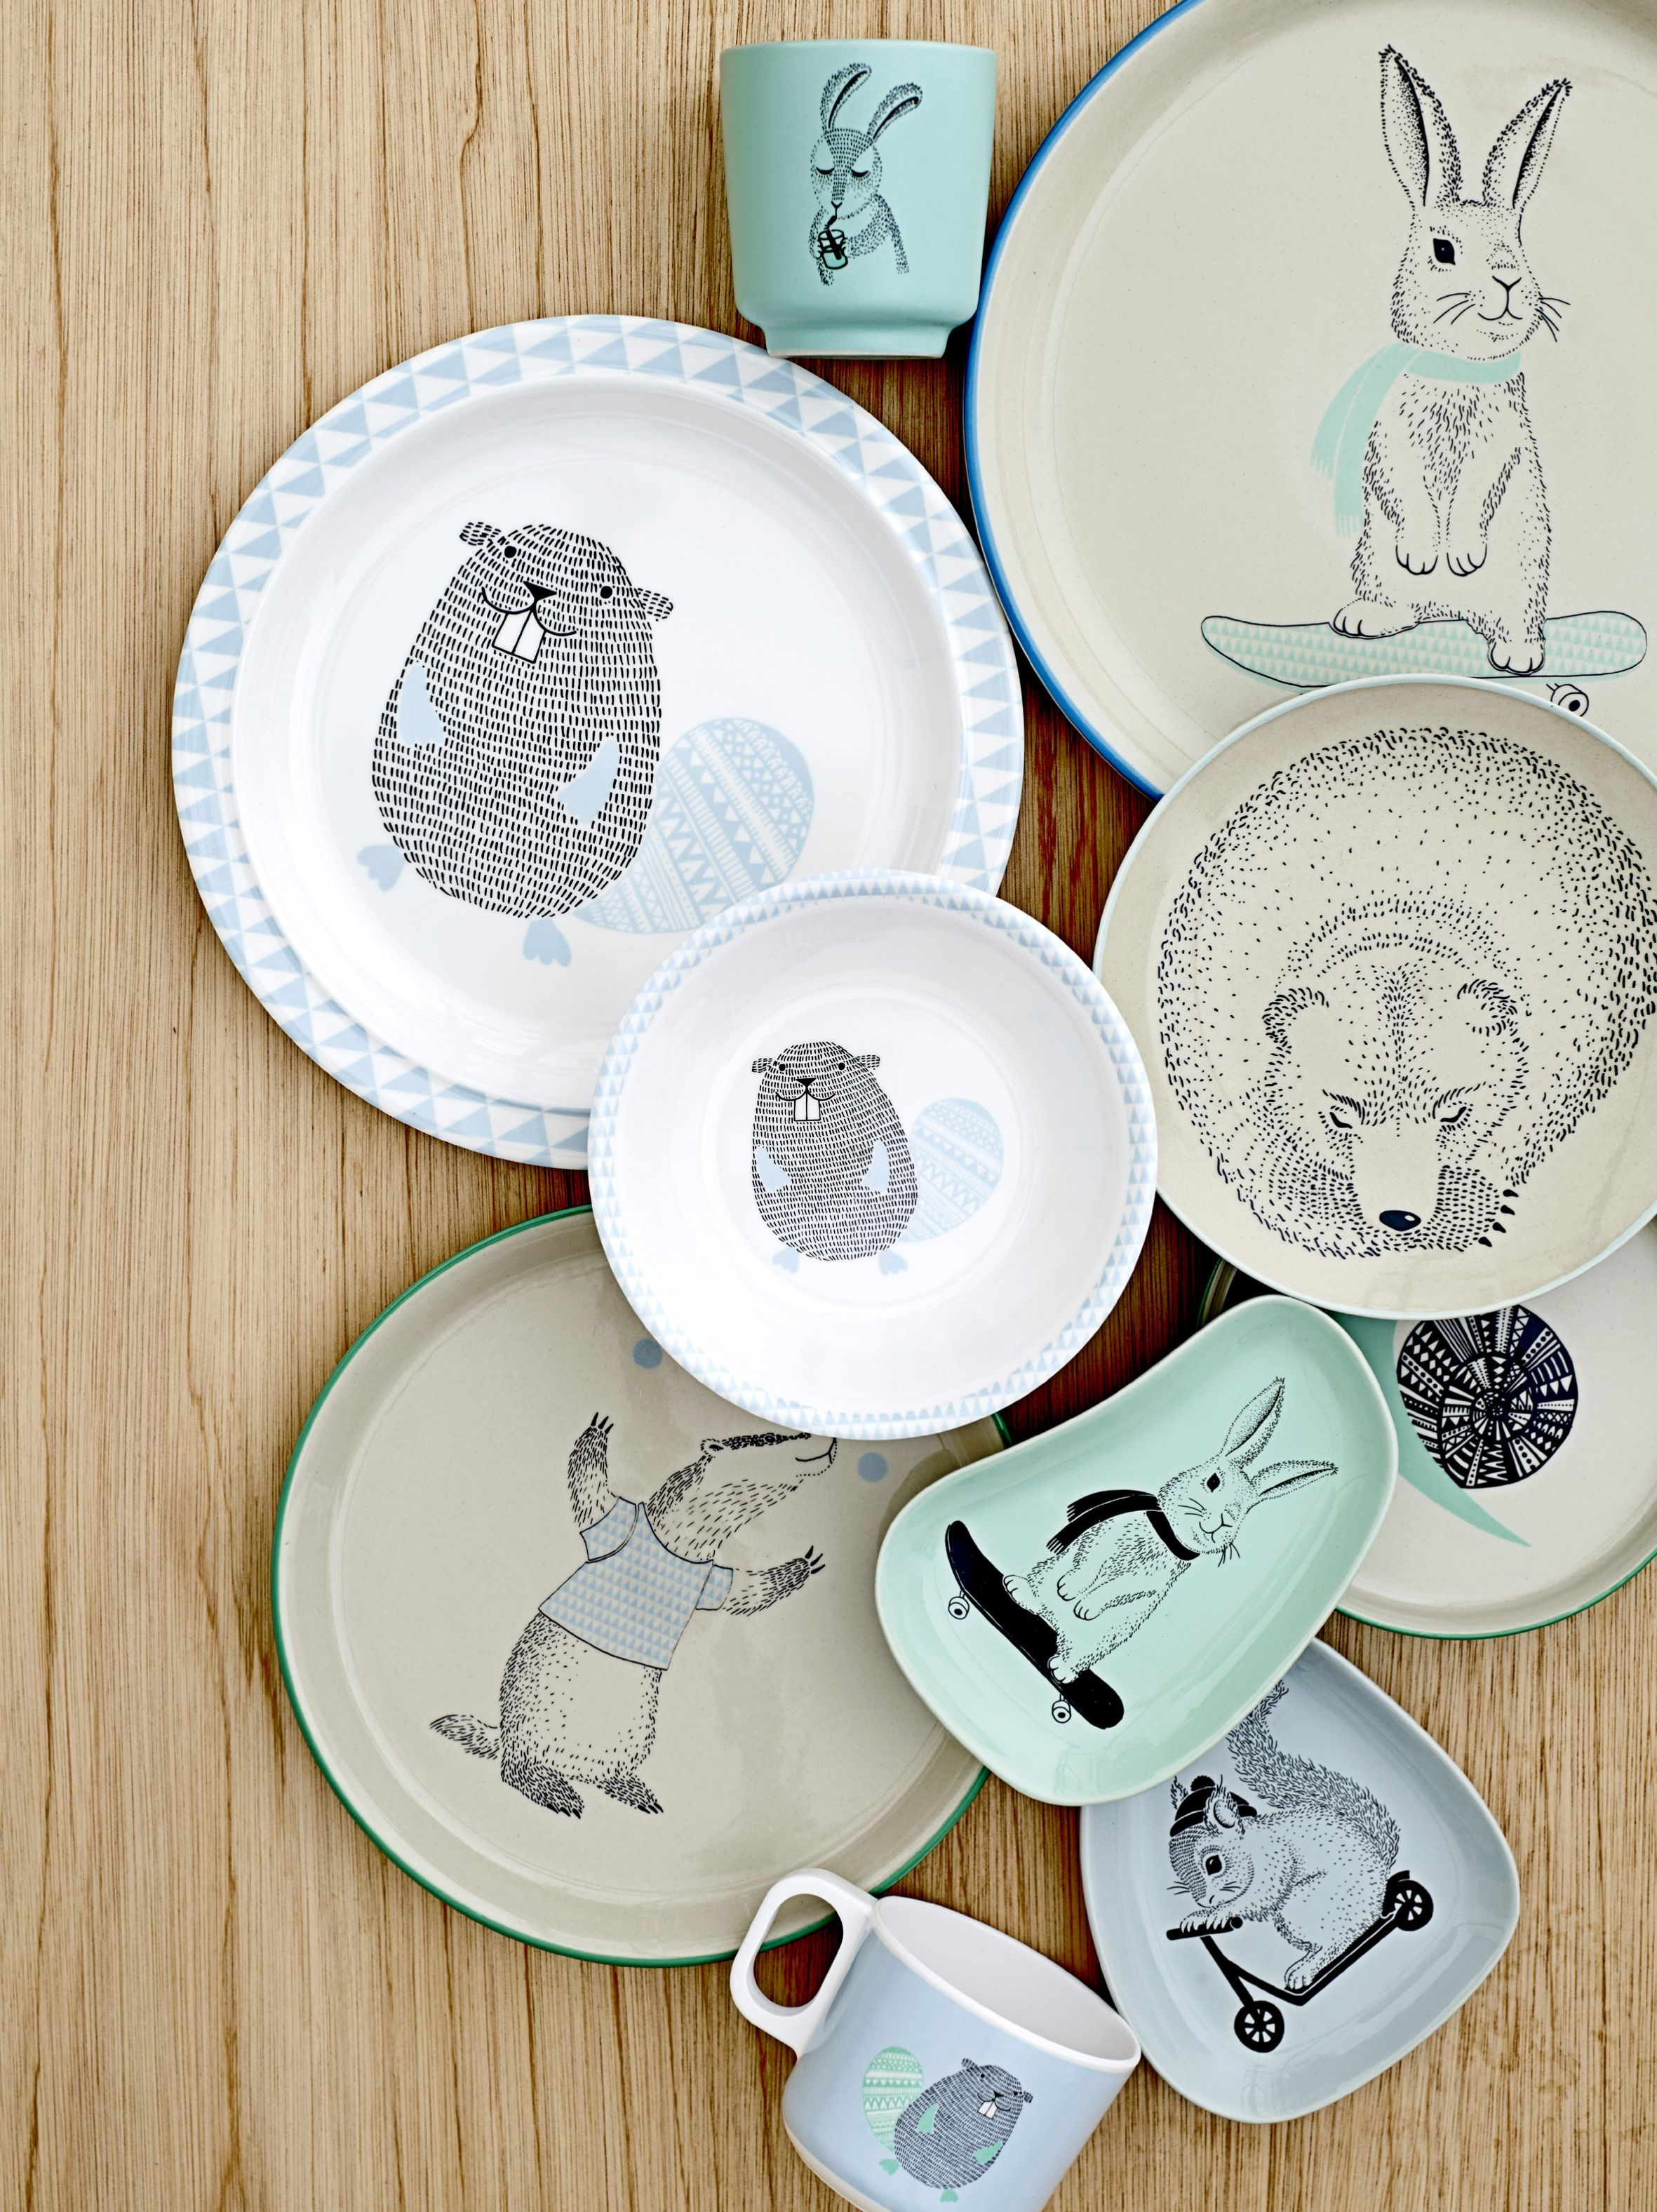 Divertidos y originales platos y tazas para ni os - Dibujos infantiles originales ...